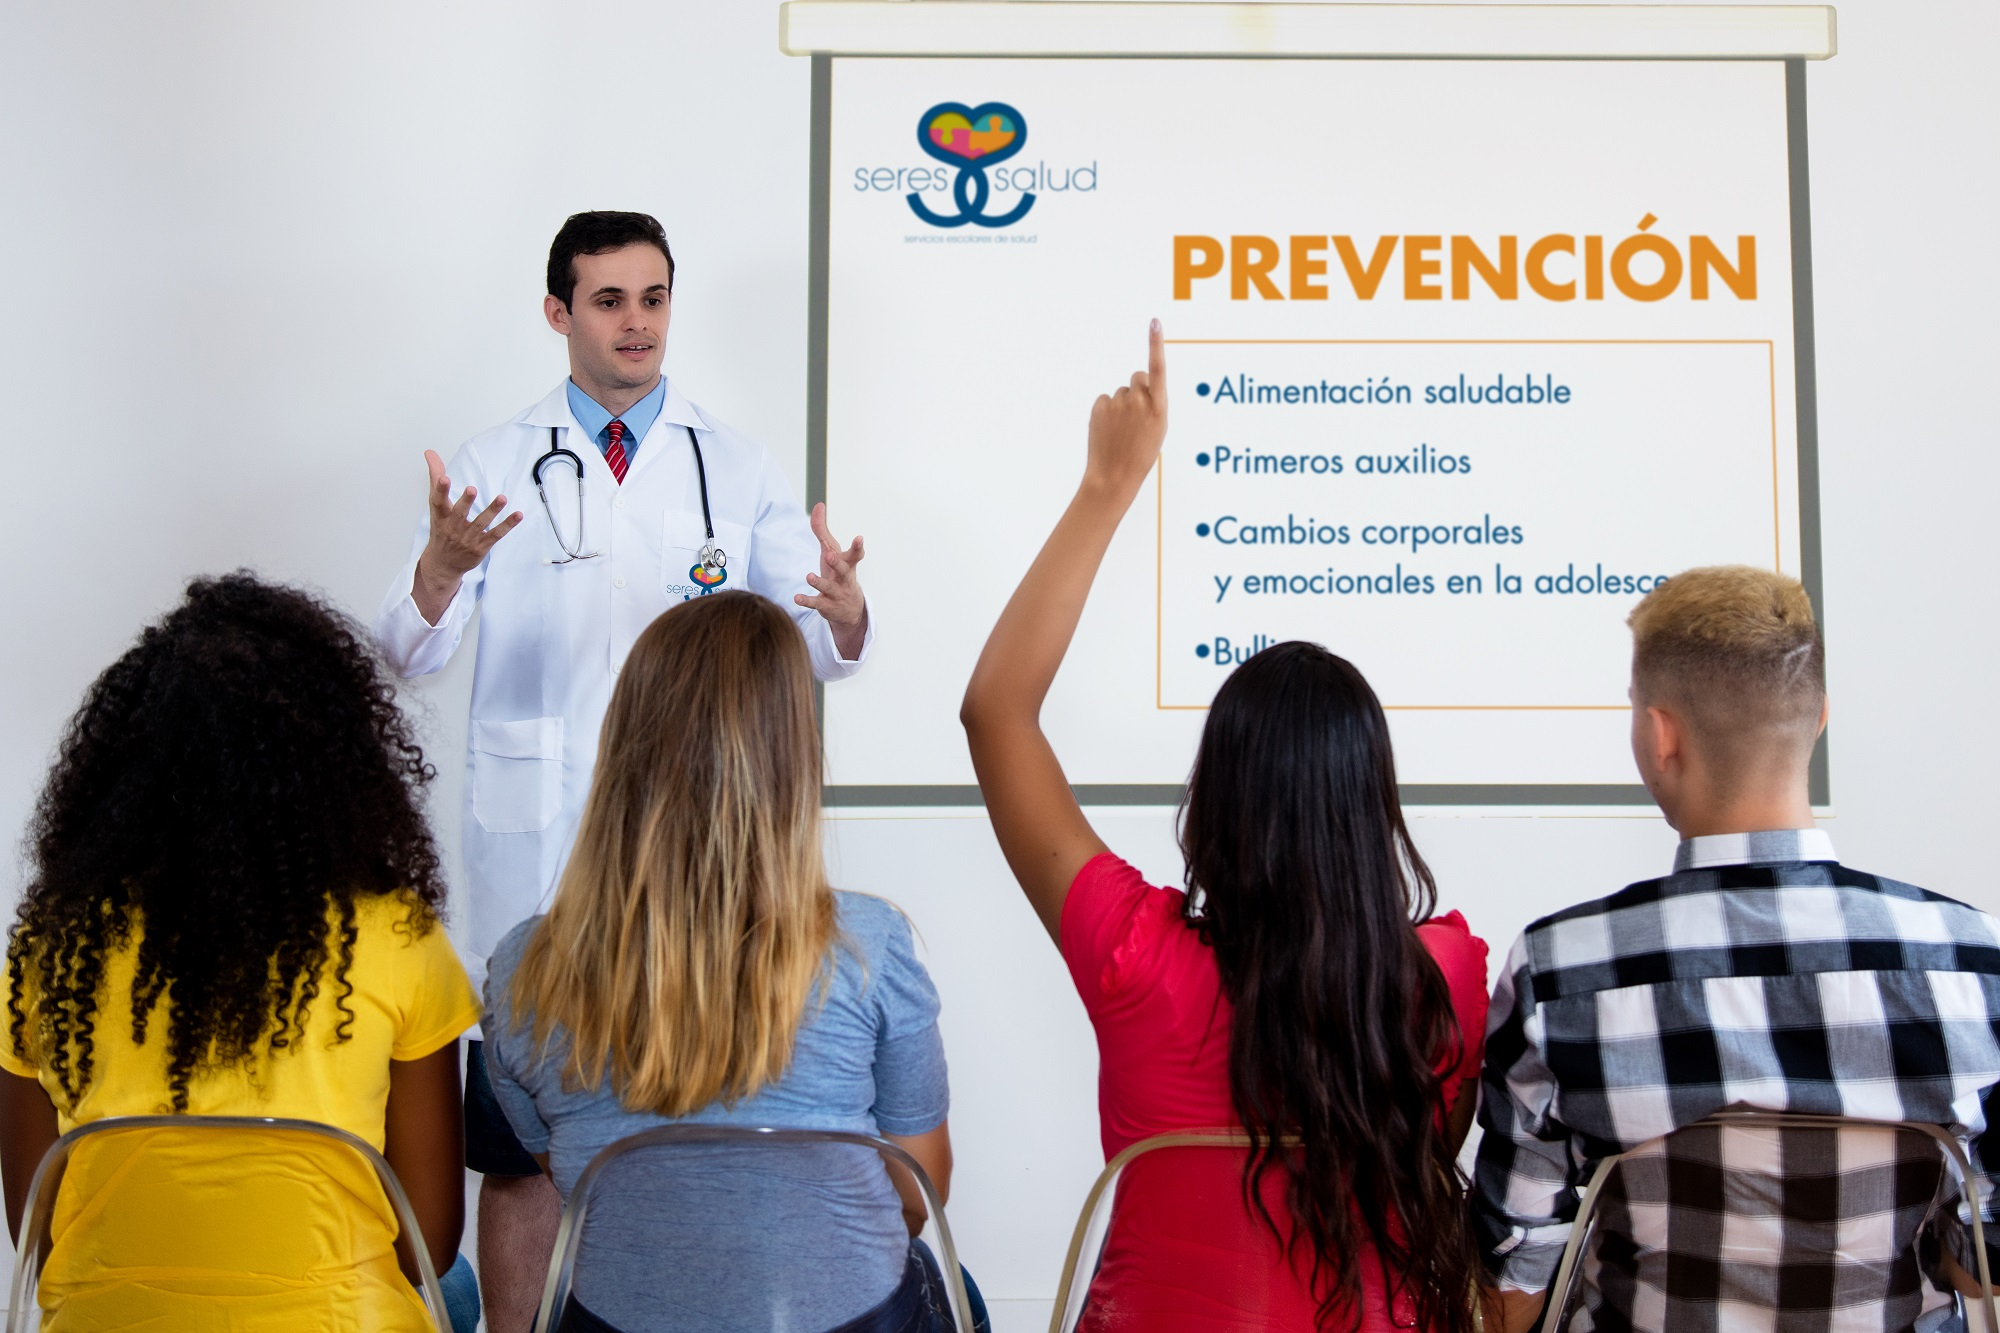 Educación-para-la-Salud-Seres-Salud